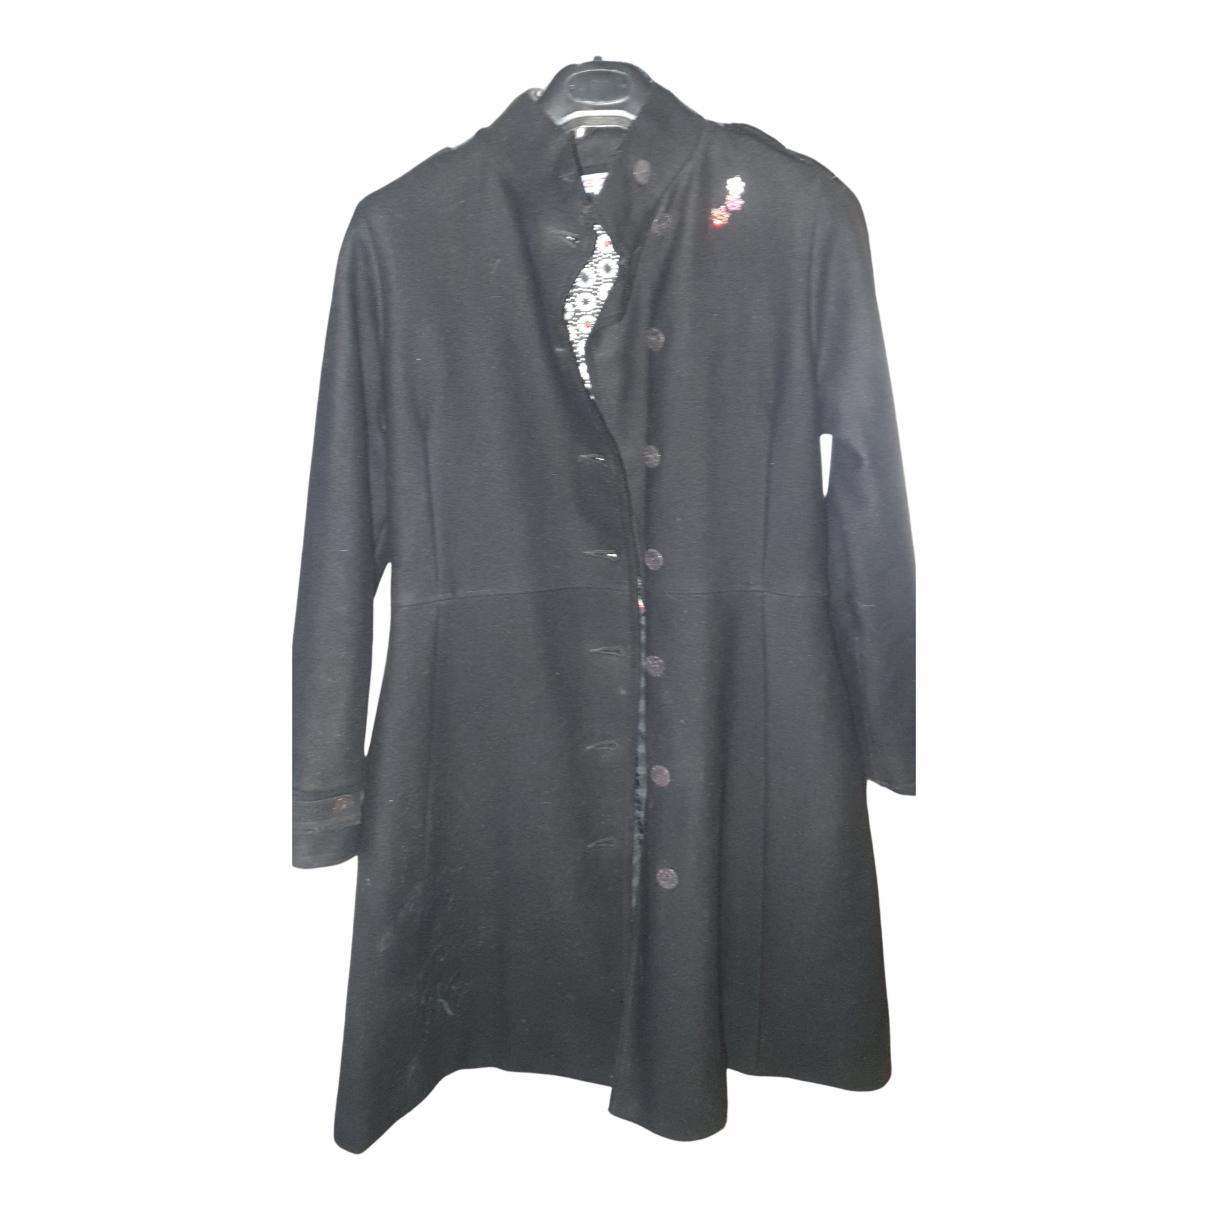 Kenzo N Black Wool jacket & coat for Kids 12 years - XS FR